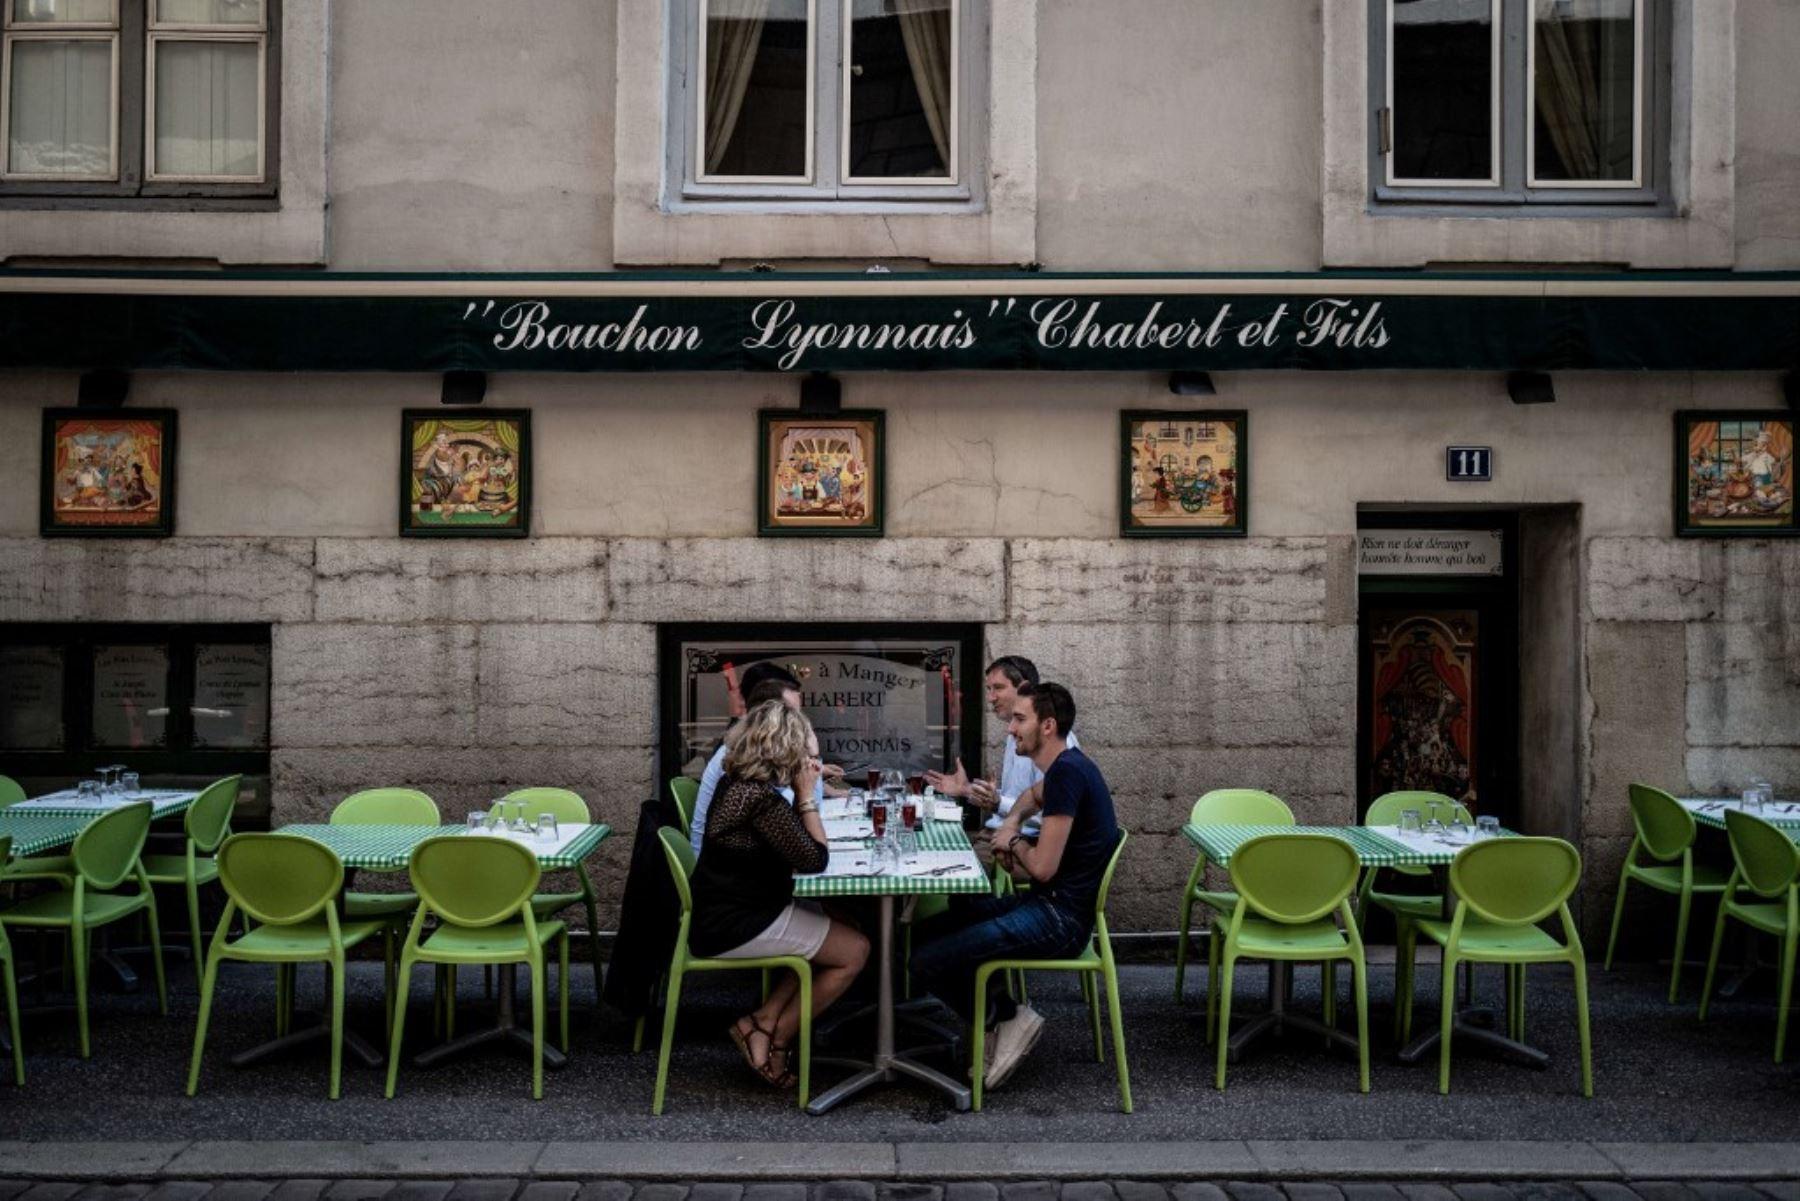 """La gente come en un restaurante local típico conocido como """"Bouchon Lyonnais"""". Foto: AFP"""